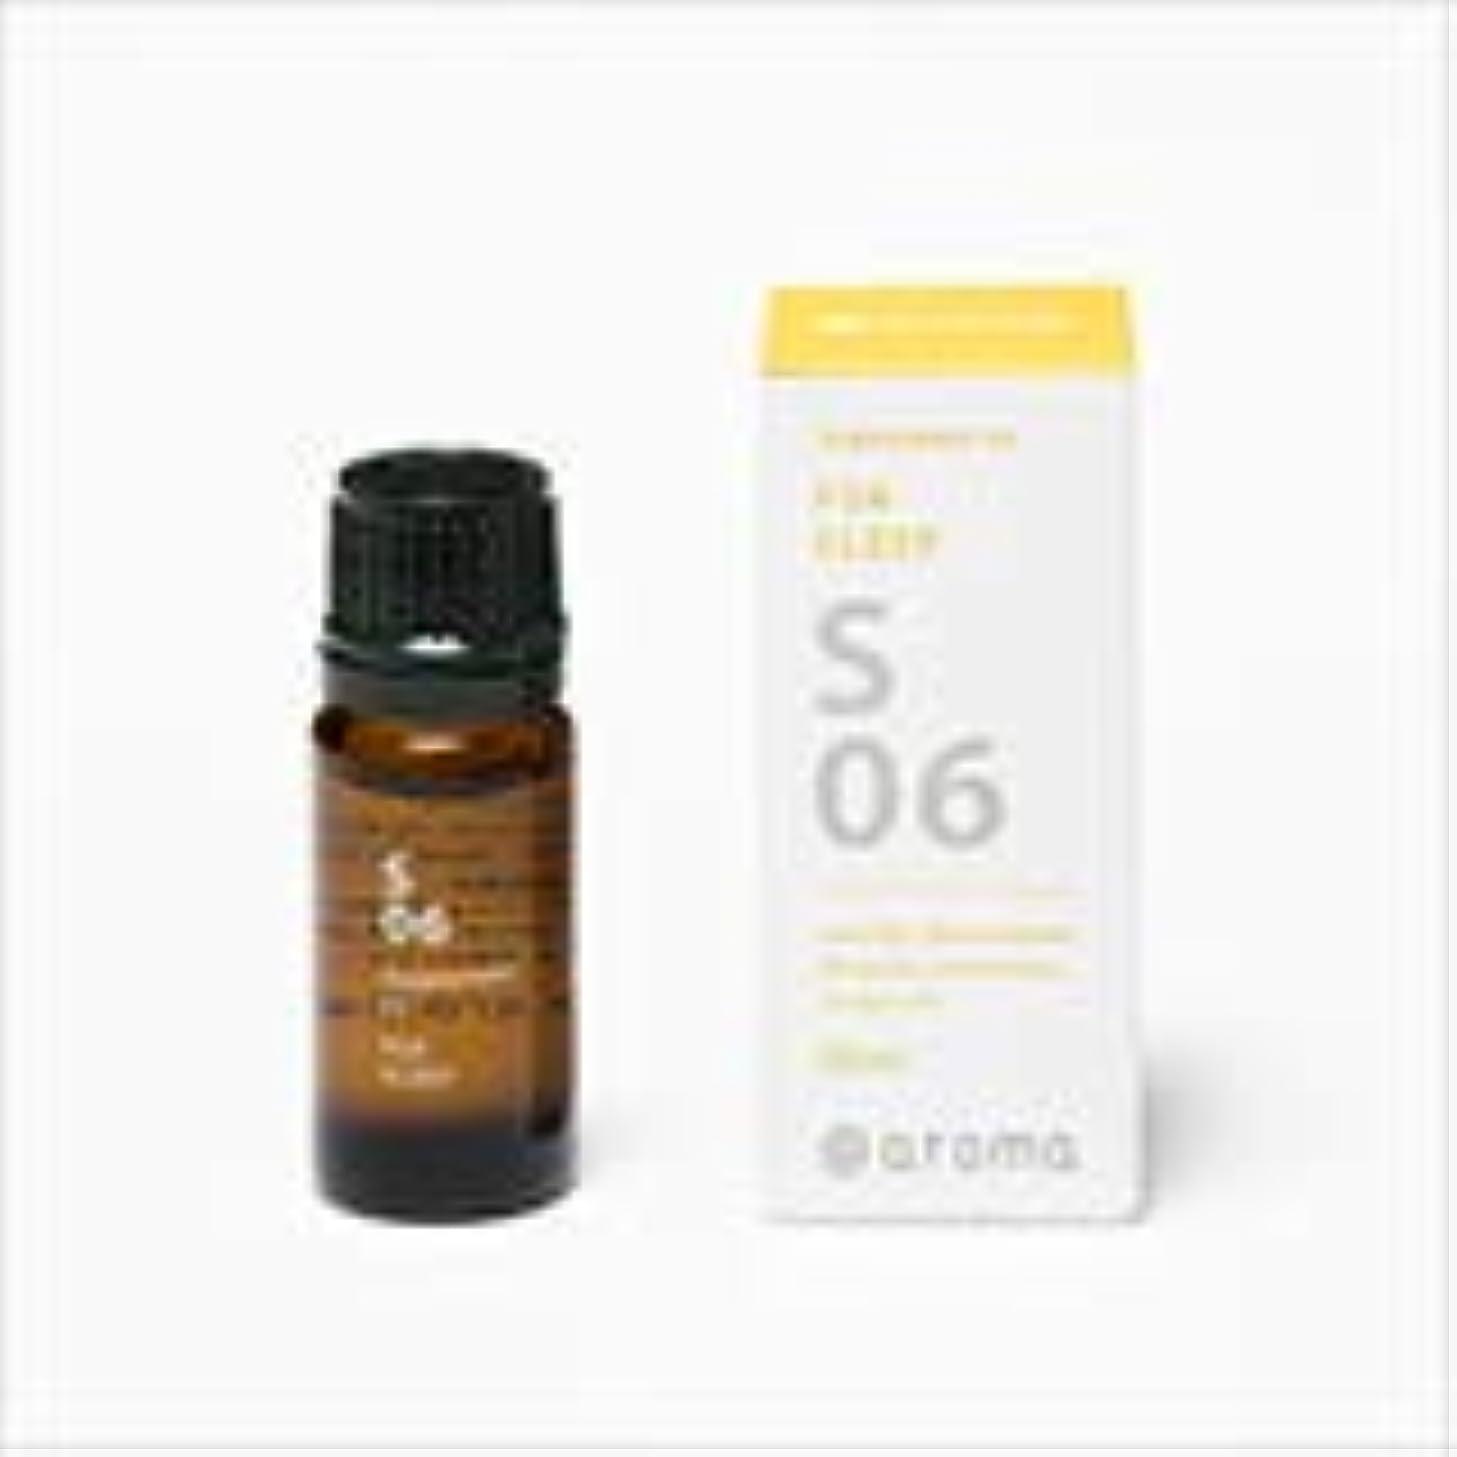 会話未来うぬぼれアットアロマ 100%pure essential oil <Supplement air スタディー&ワーク>